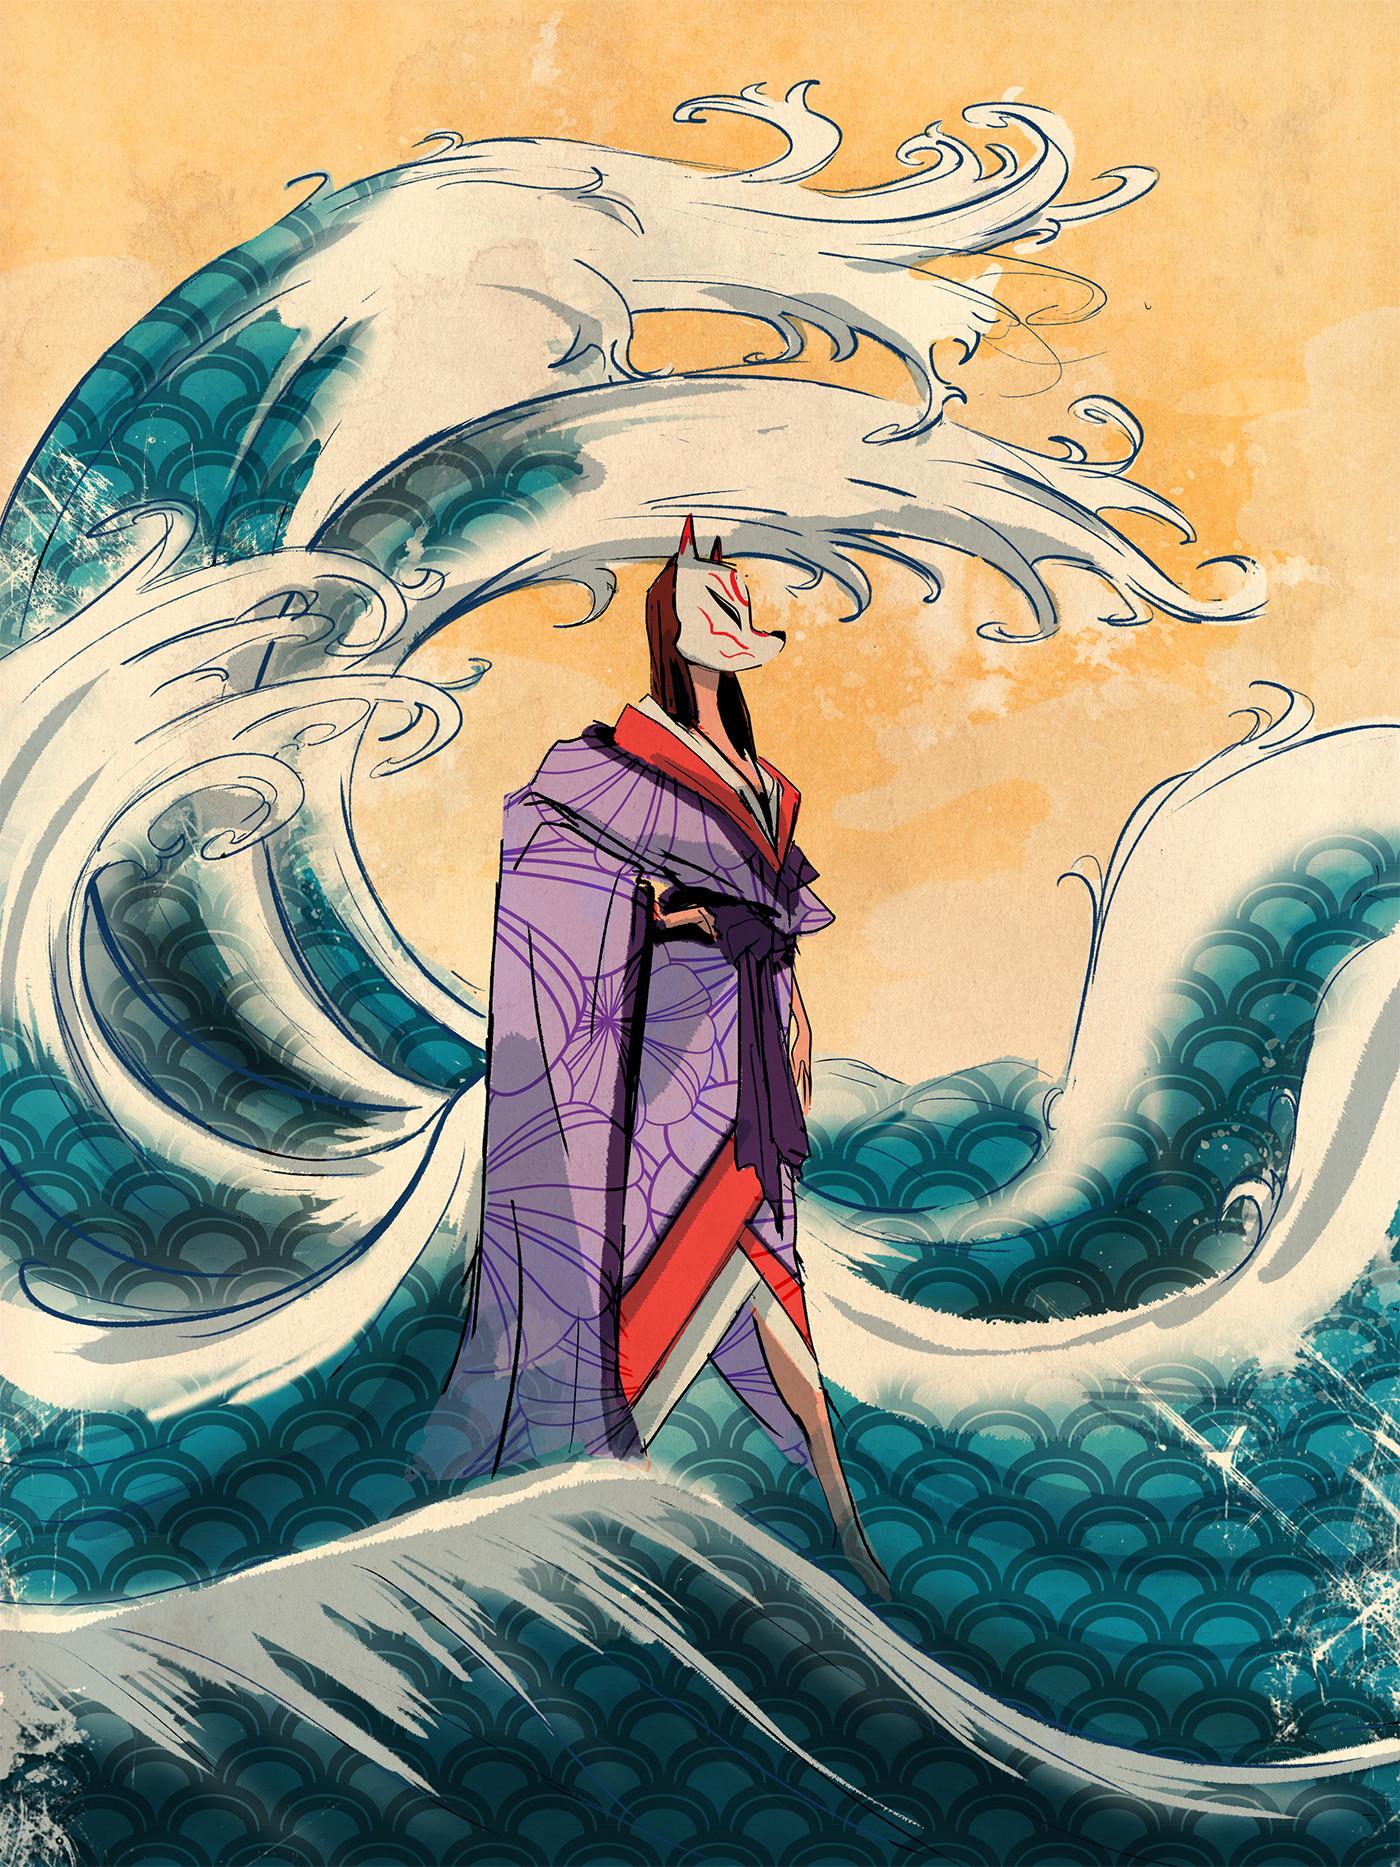 Lamaro smith jinja kitsune forest 0003 jinja kitsune ocean